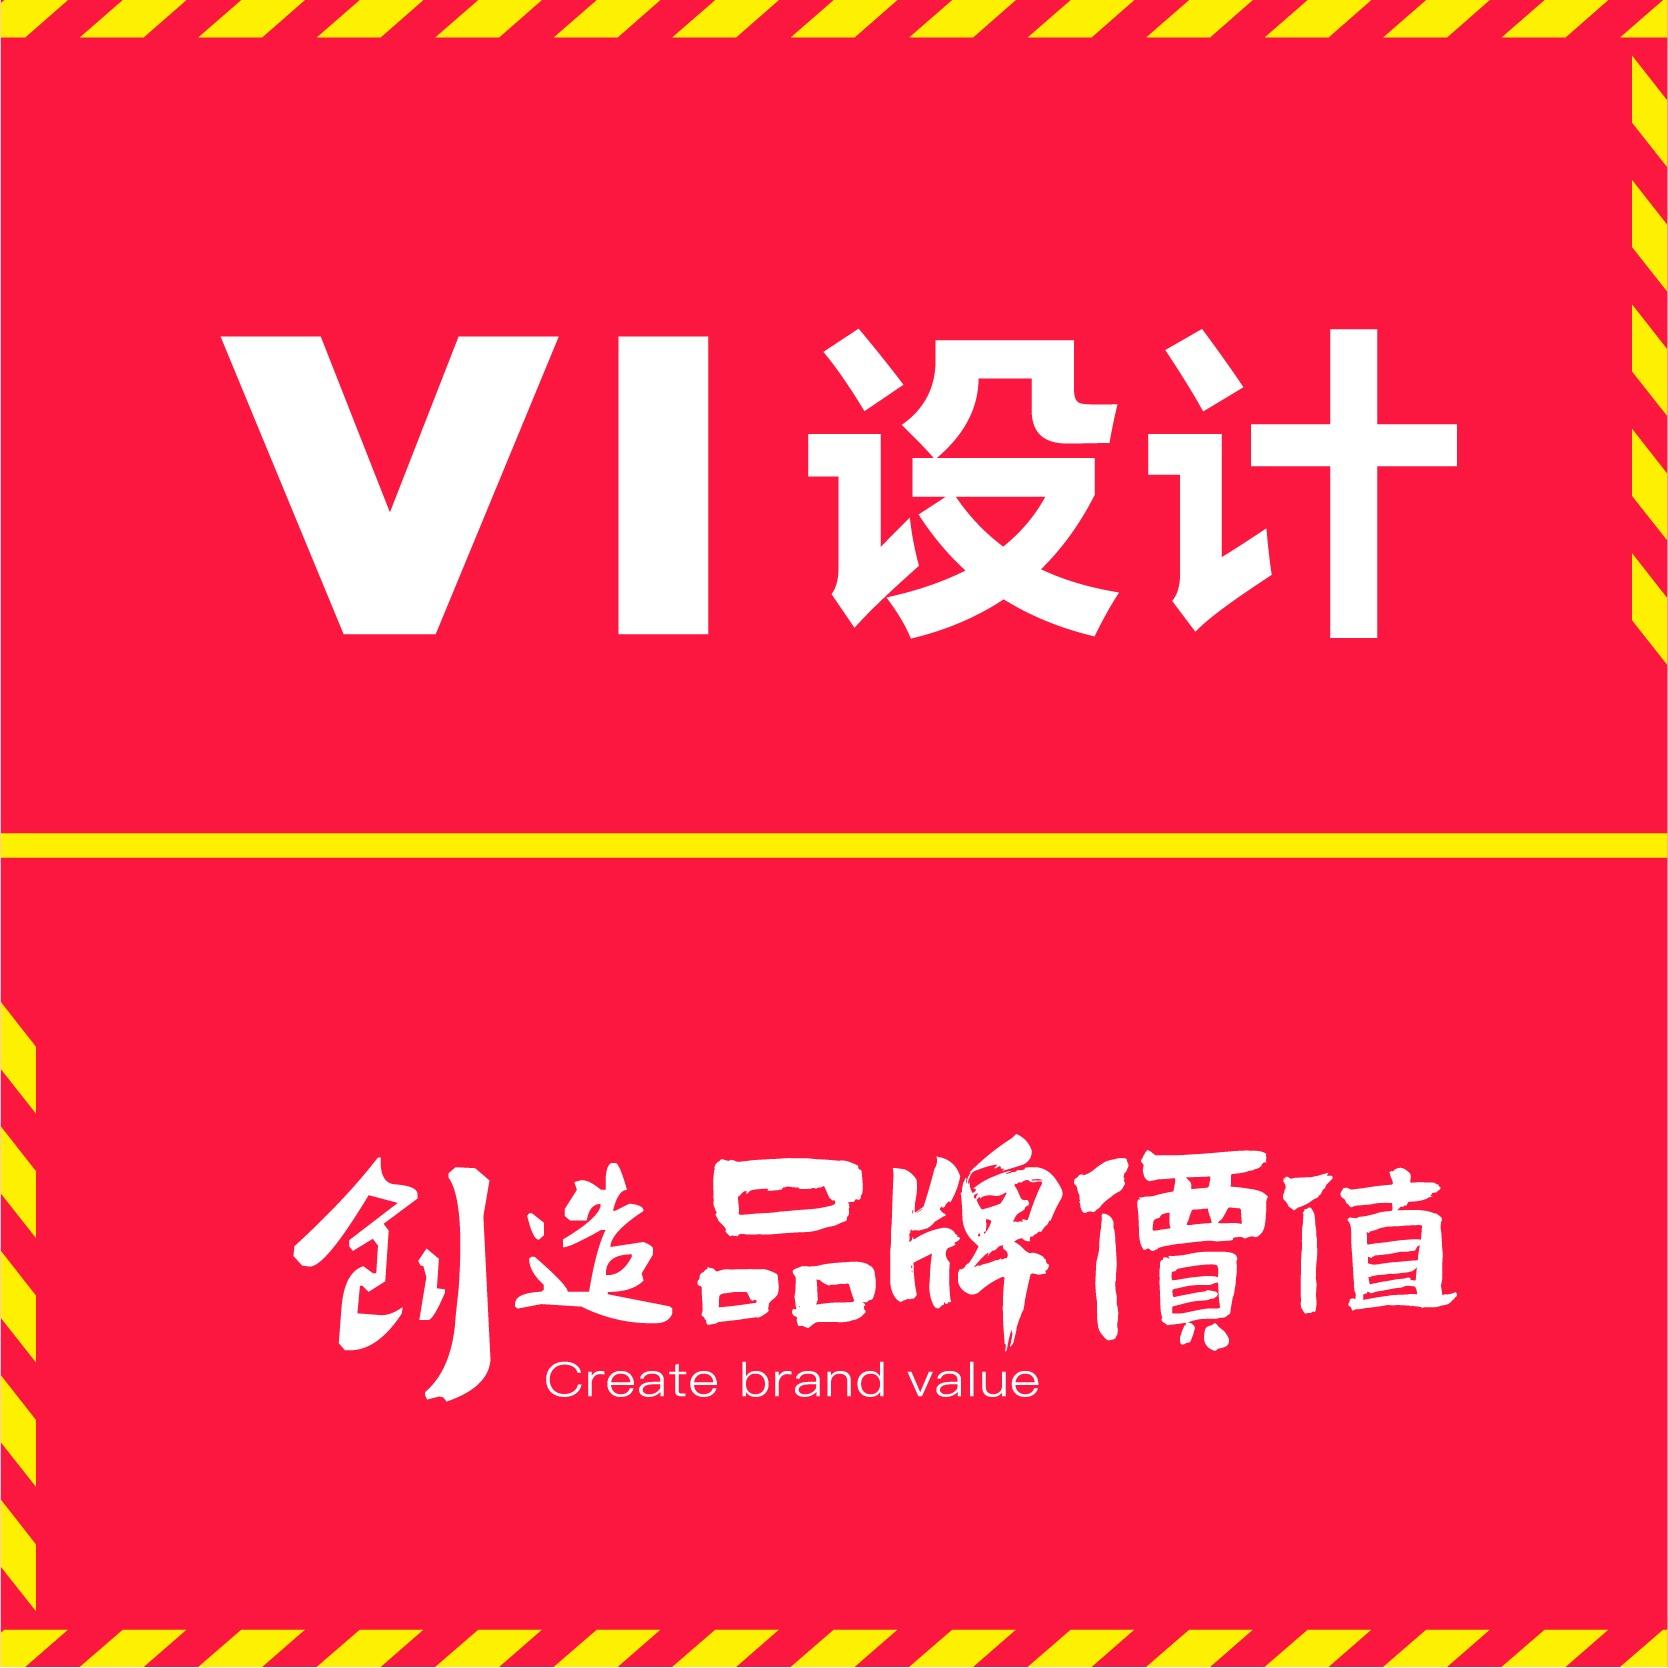 公司VI设计品牌企业形象升级VIS全套高端定制导视系统设计